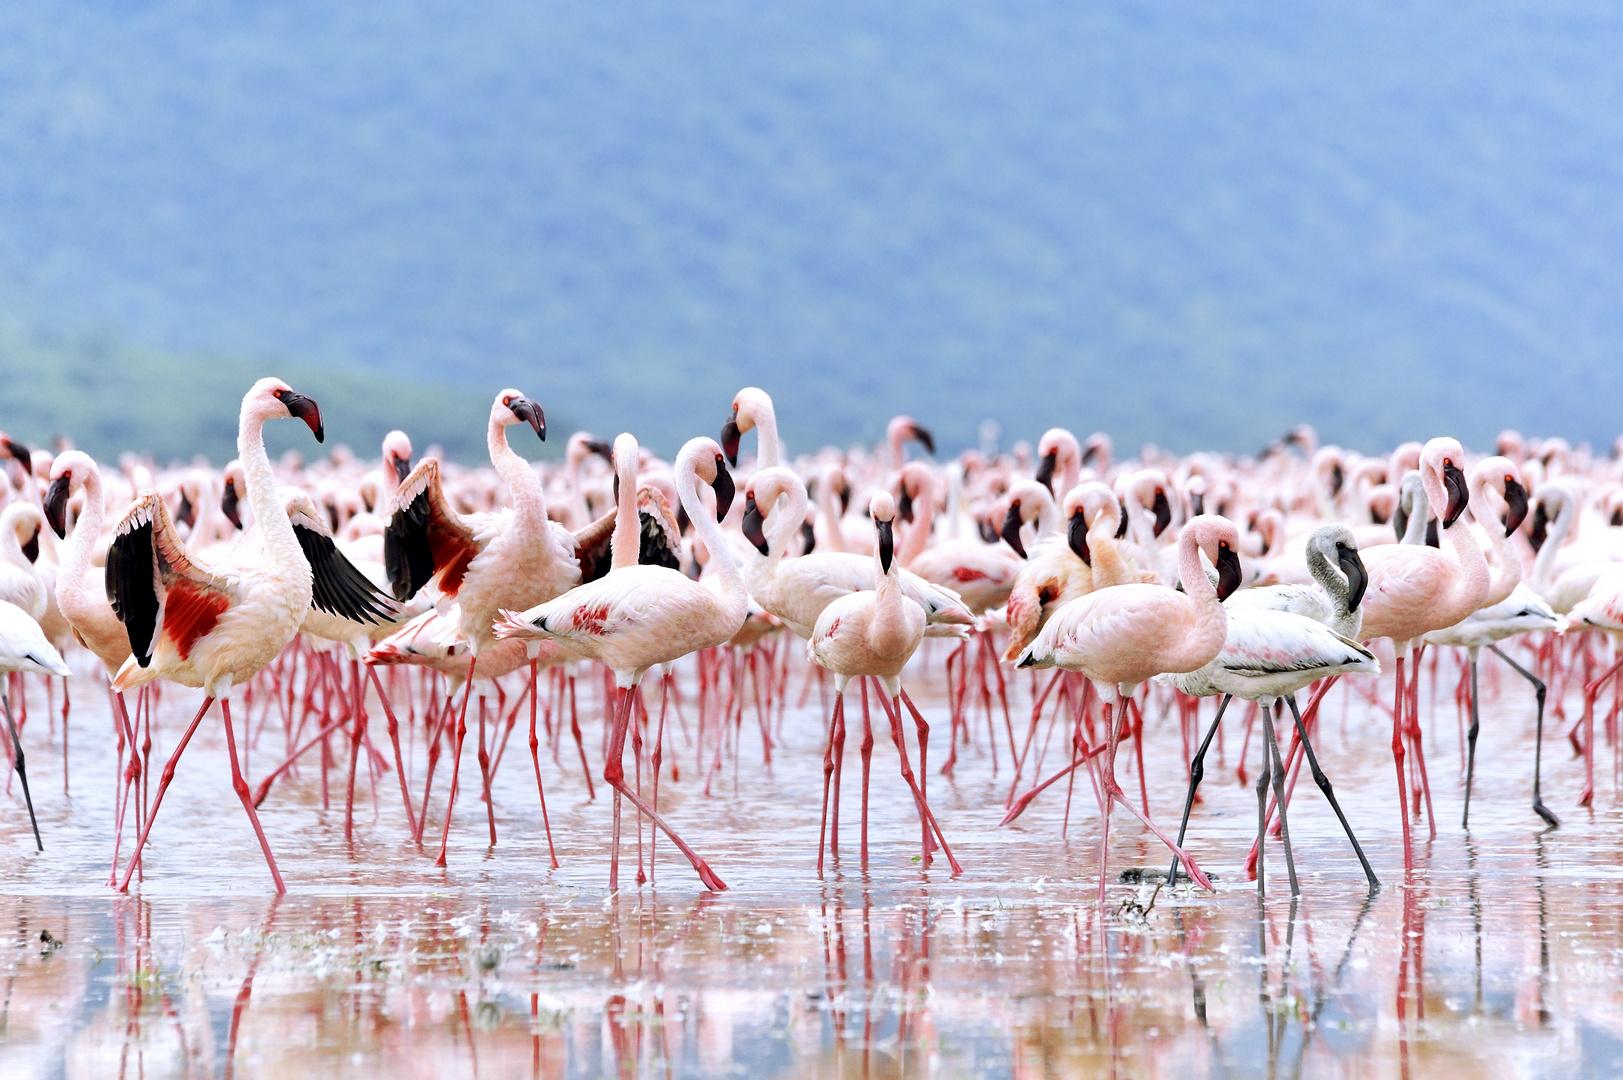 Werben der Flamingos © JF-Fotografie, Jürgen Feuerer